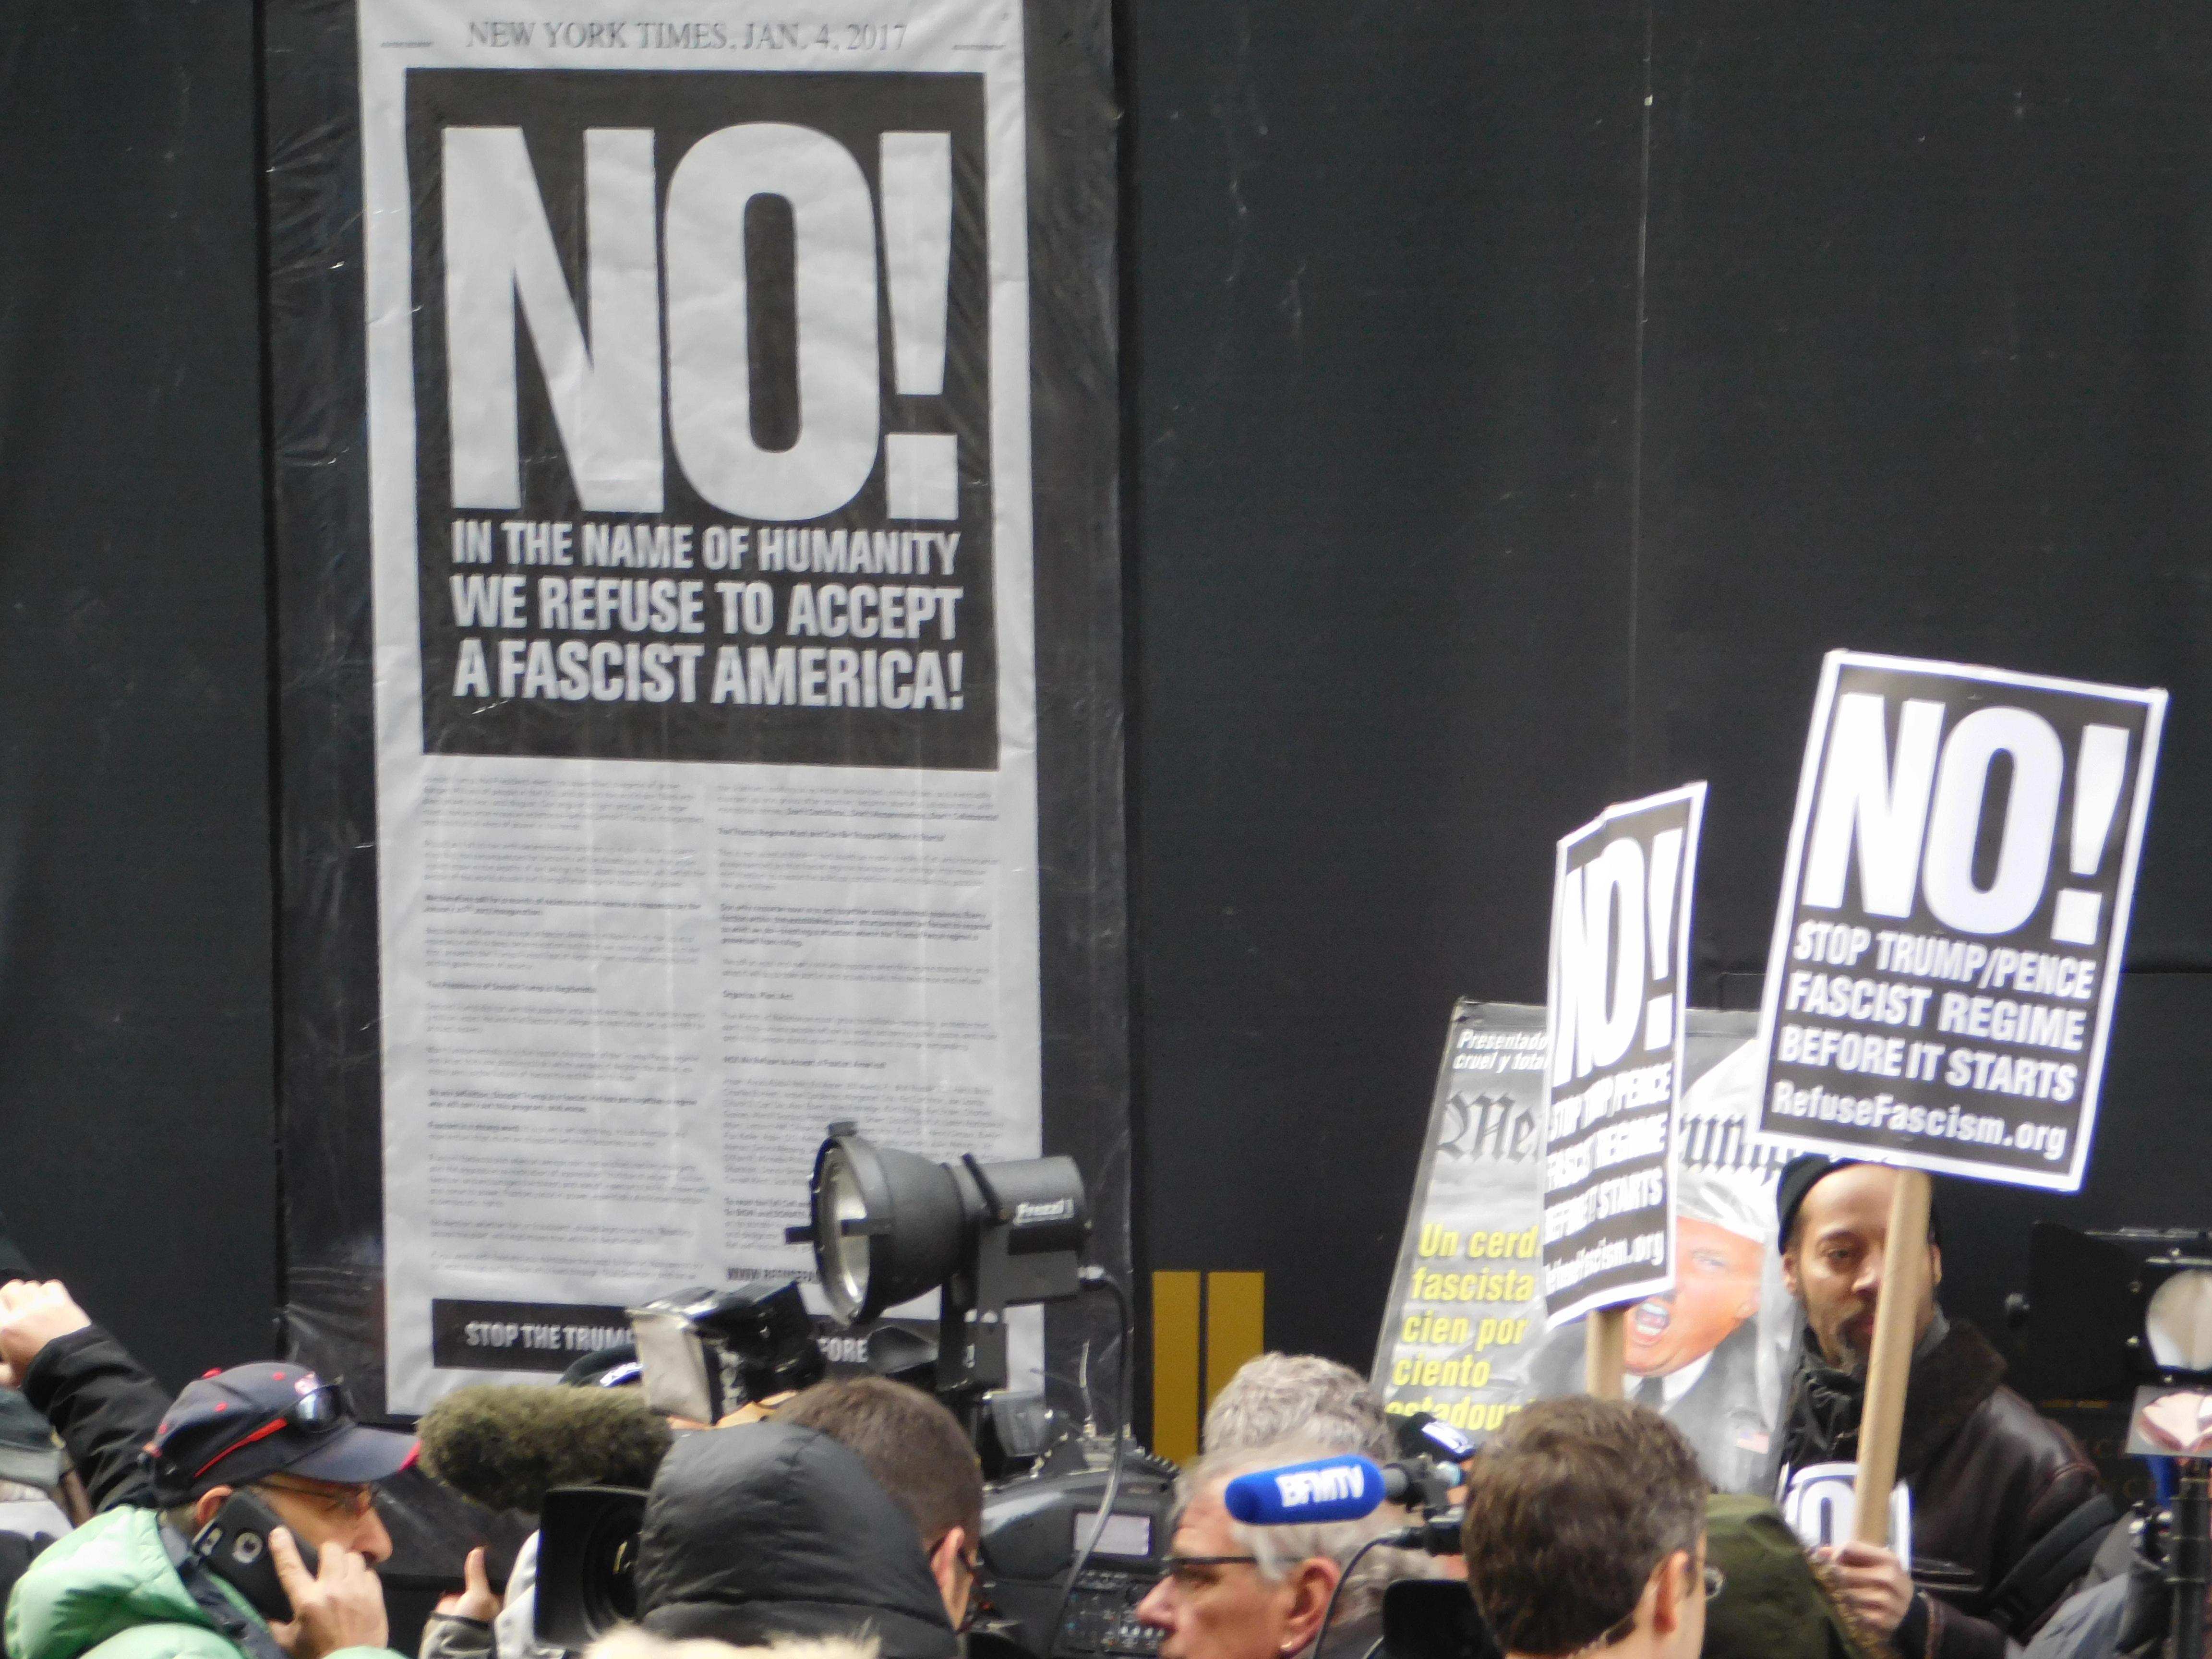 Una pequeña protesta contra Donald Trump se realizó frente al edificio donde fue la conferencia de prensa. FOTO: JESÚS GARCÍA / EL DIARIO NY